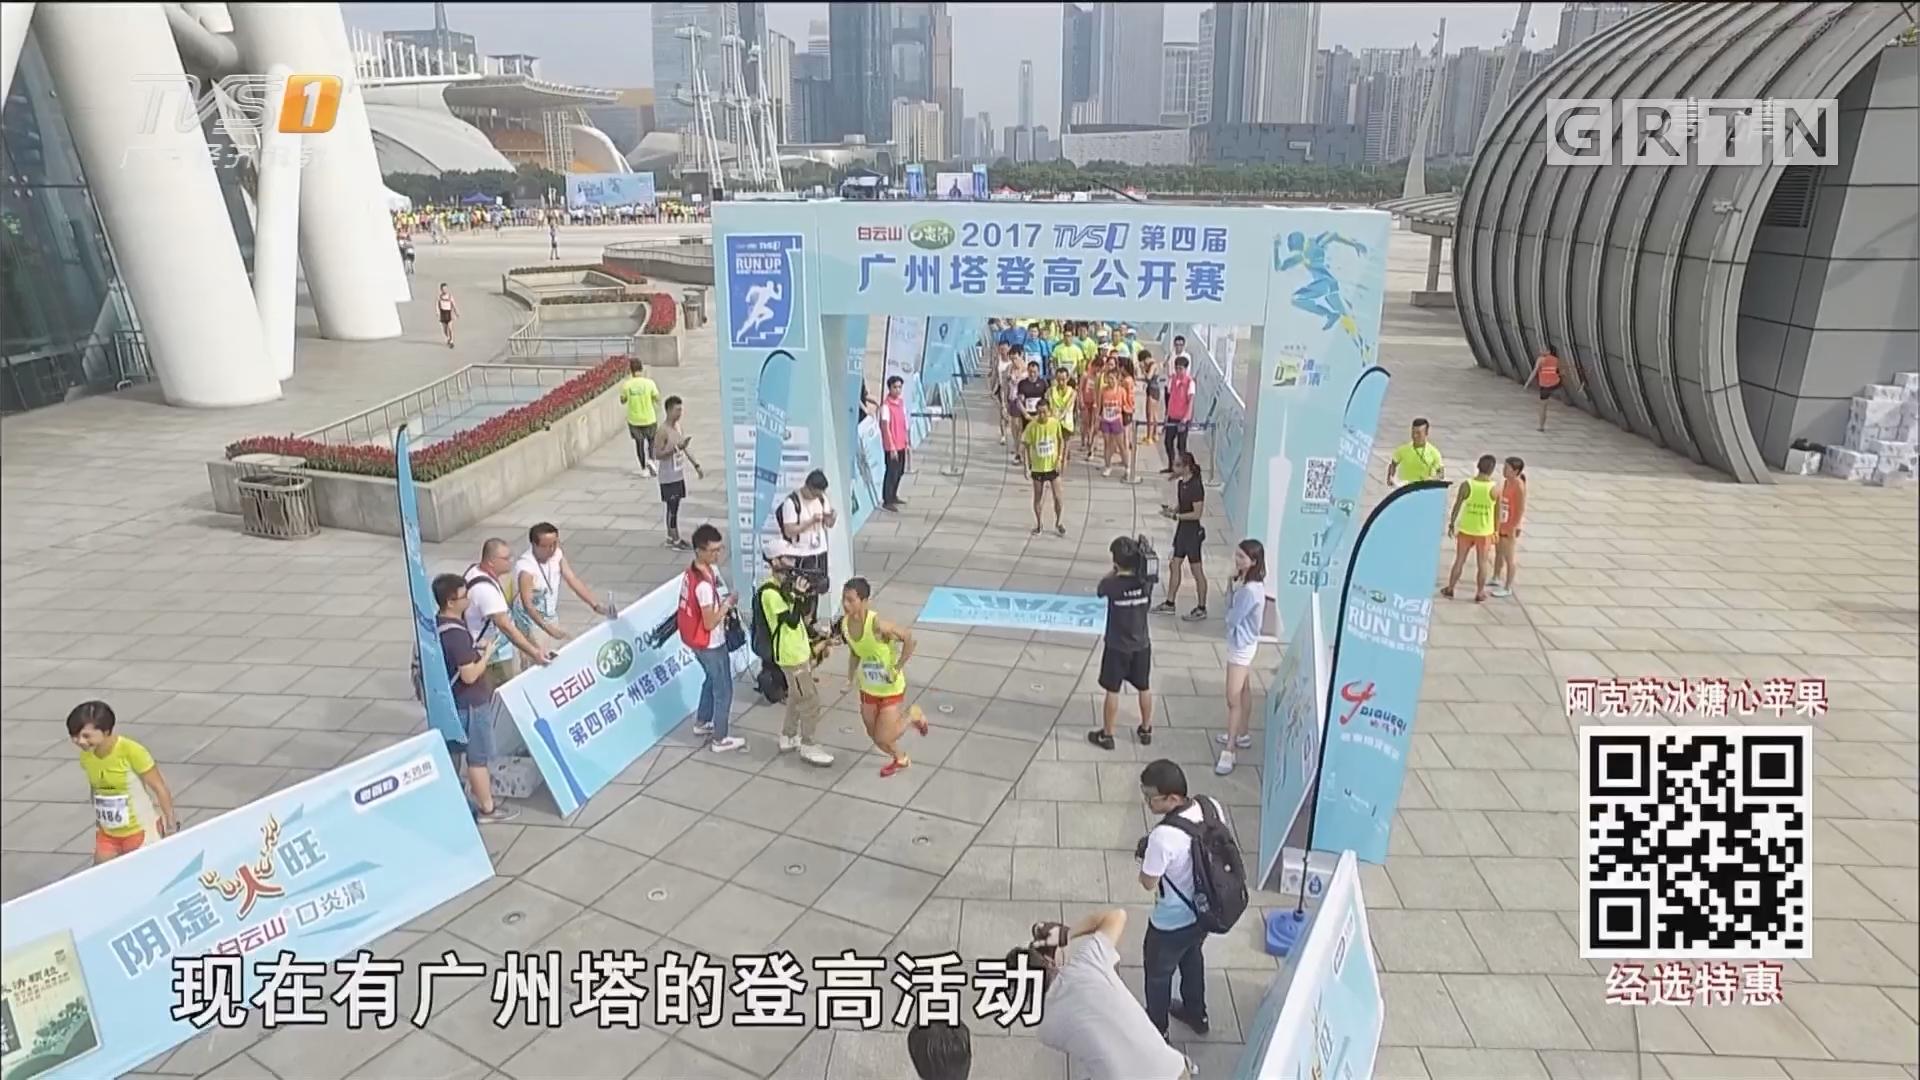 广州:首届帽峰山跨年越野跑成功举办